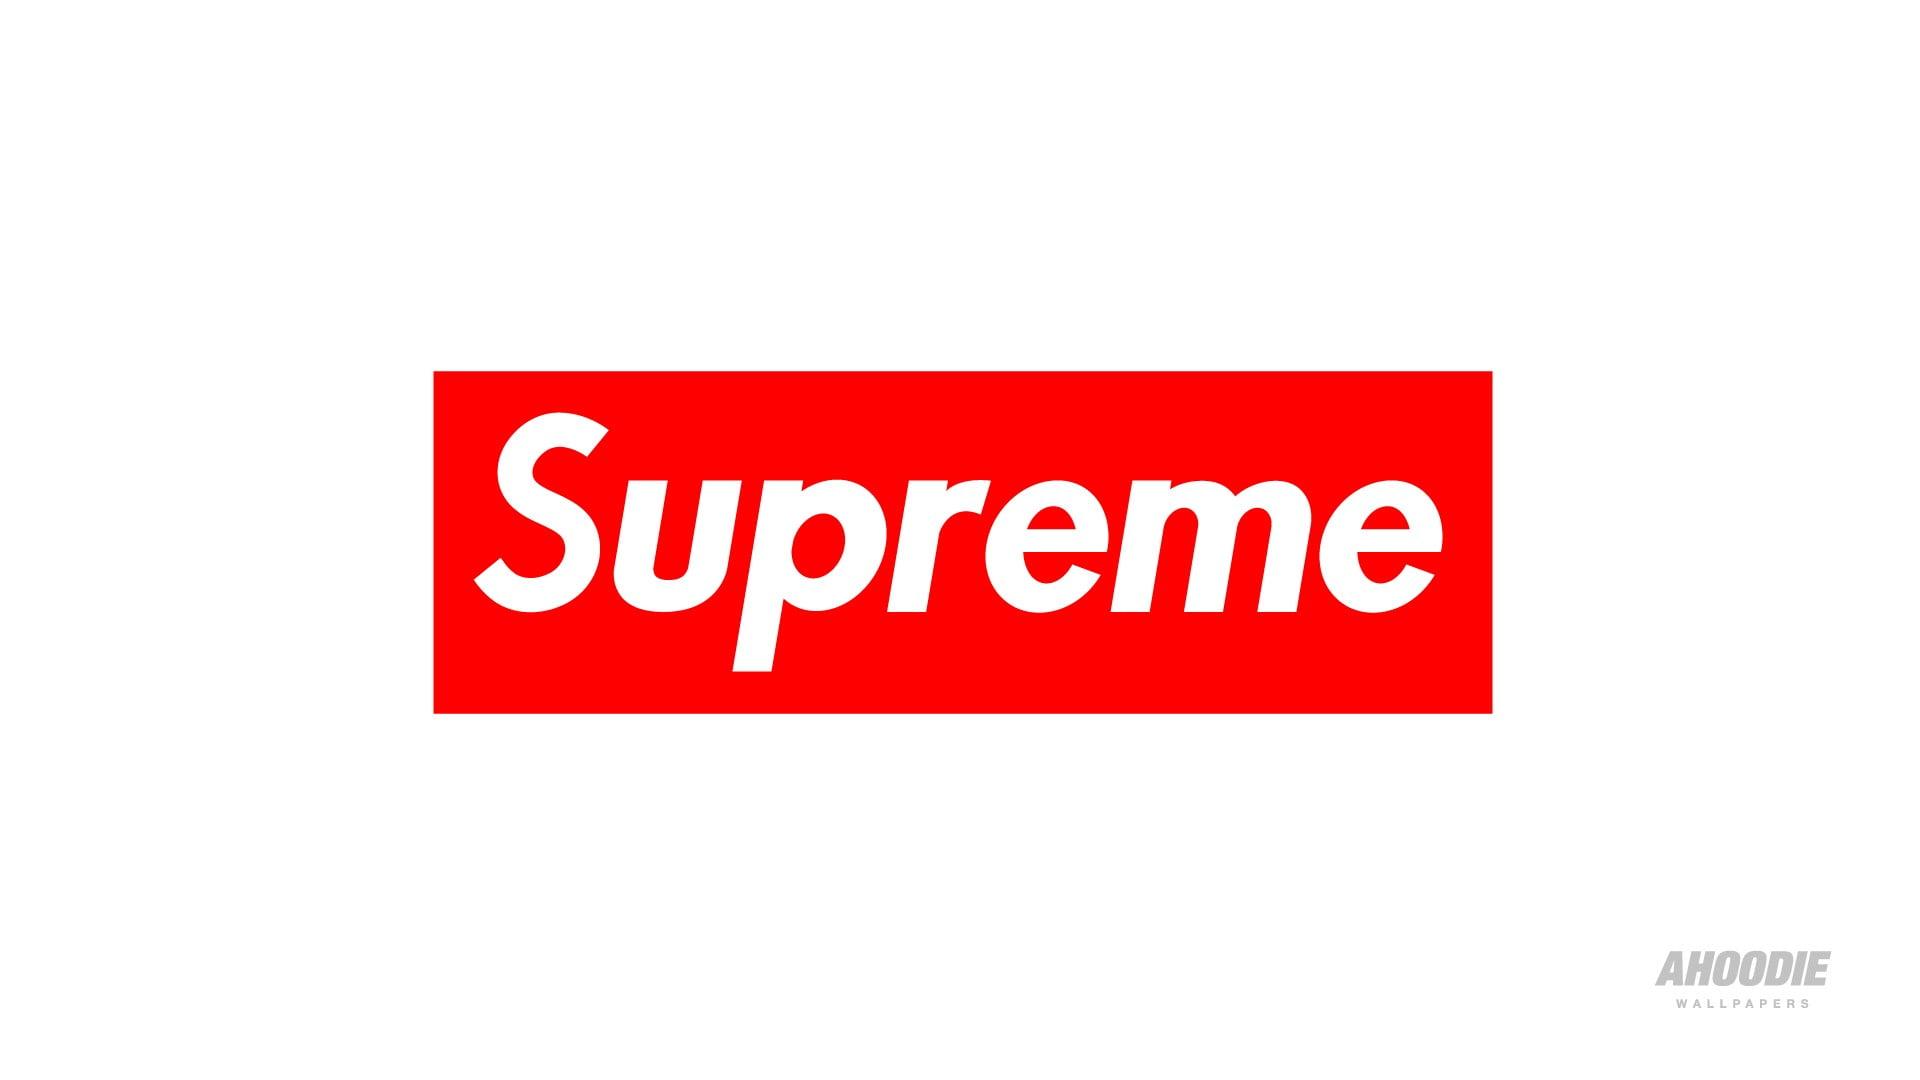 Supreme logo, supreme, brand, logo HD wallpaper.